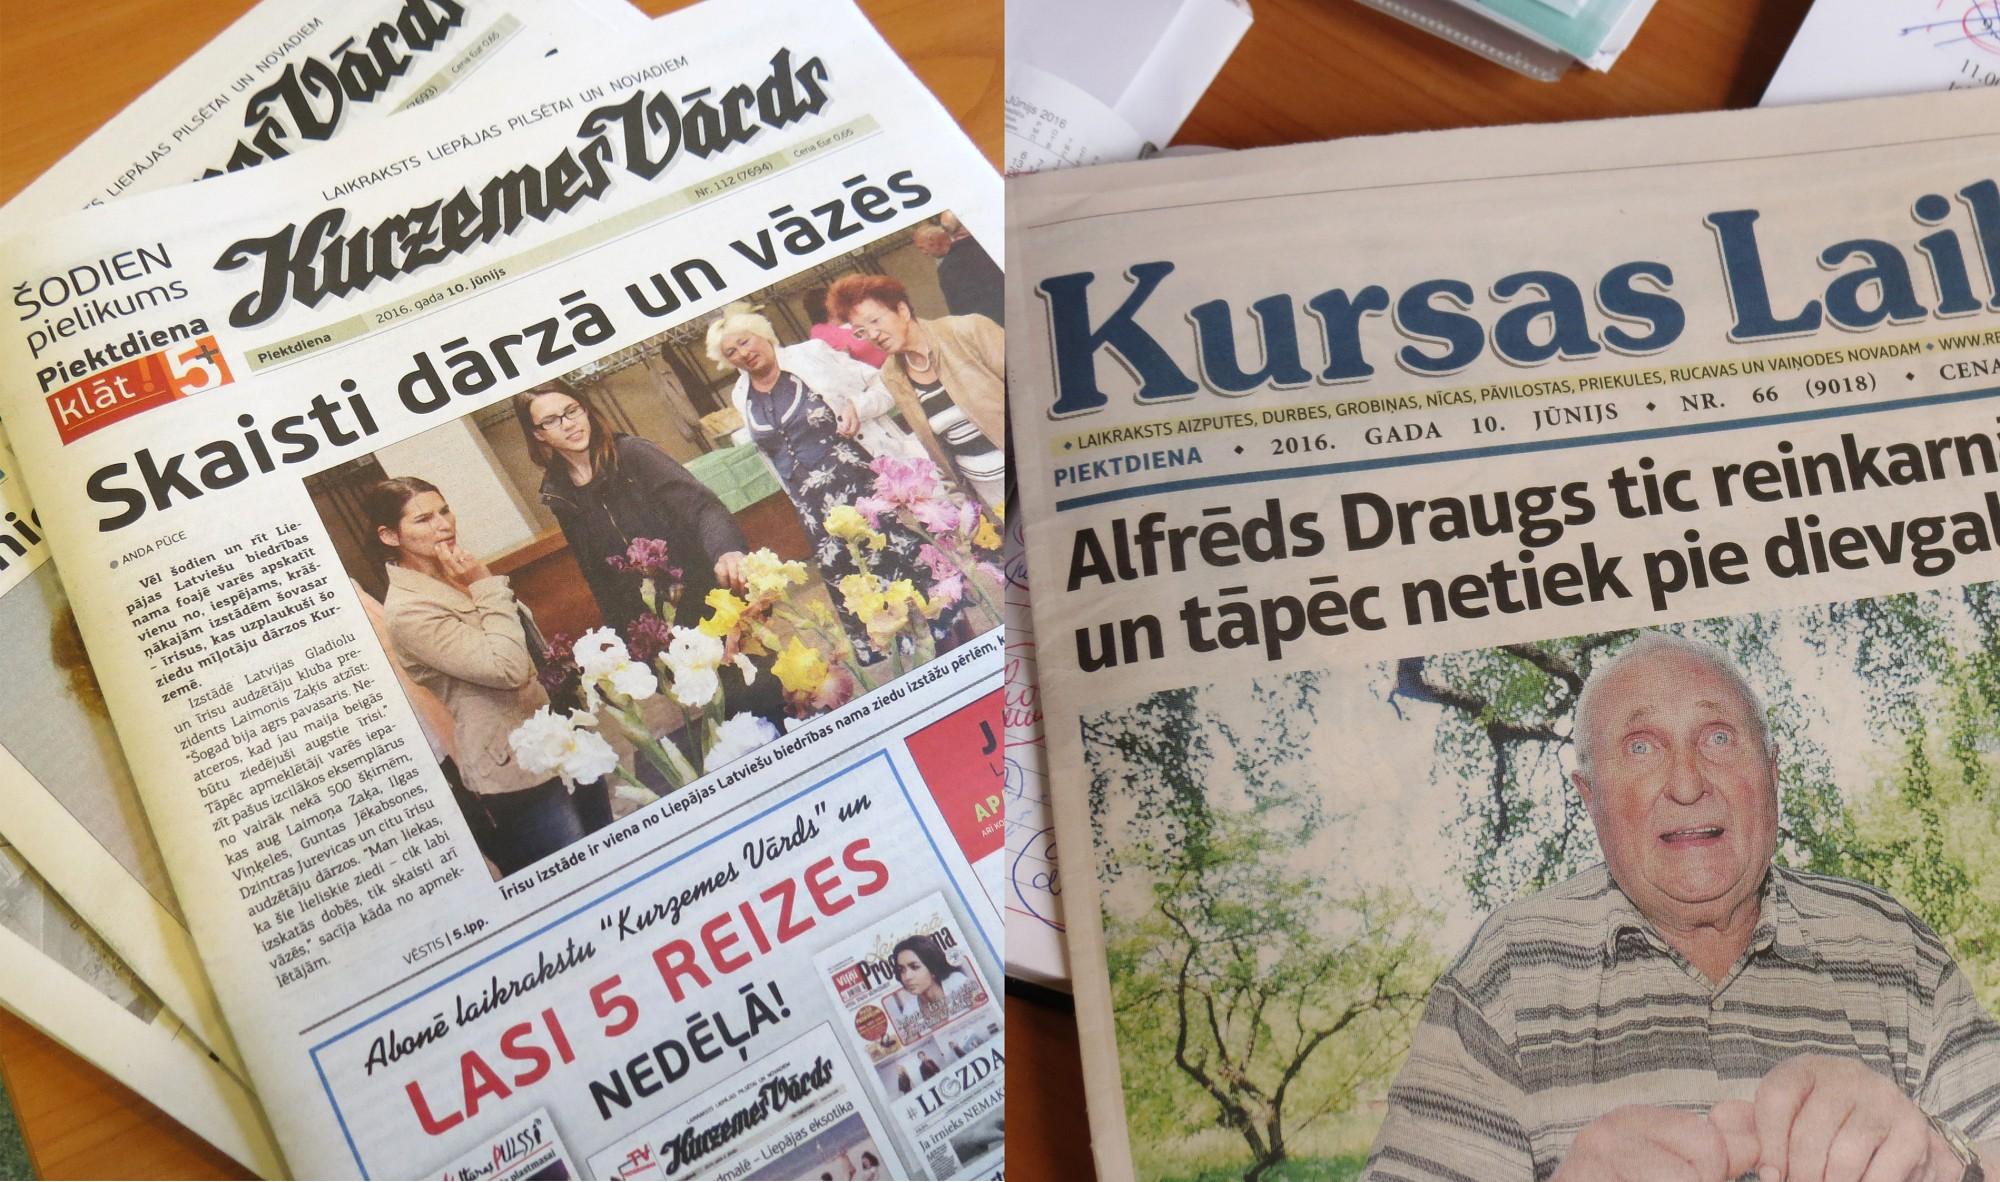 """""""Kursas Laiks"""" pārtop par nedēļas izdevumu; """"Kurzemes Vārds"""" turēs dienas avīzes kanti"""